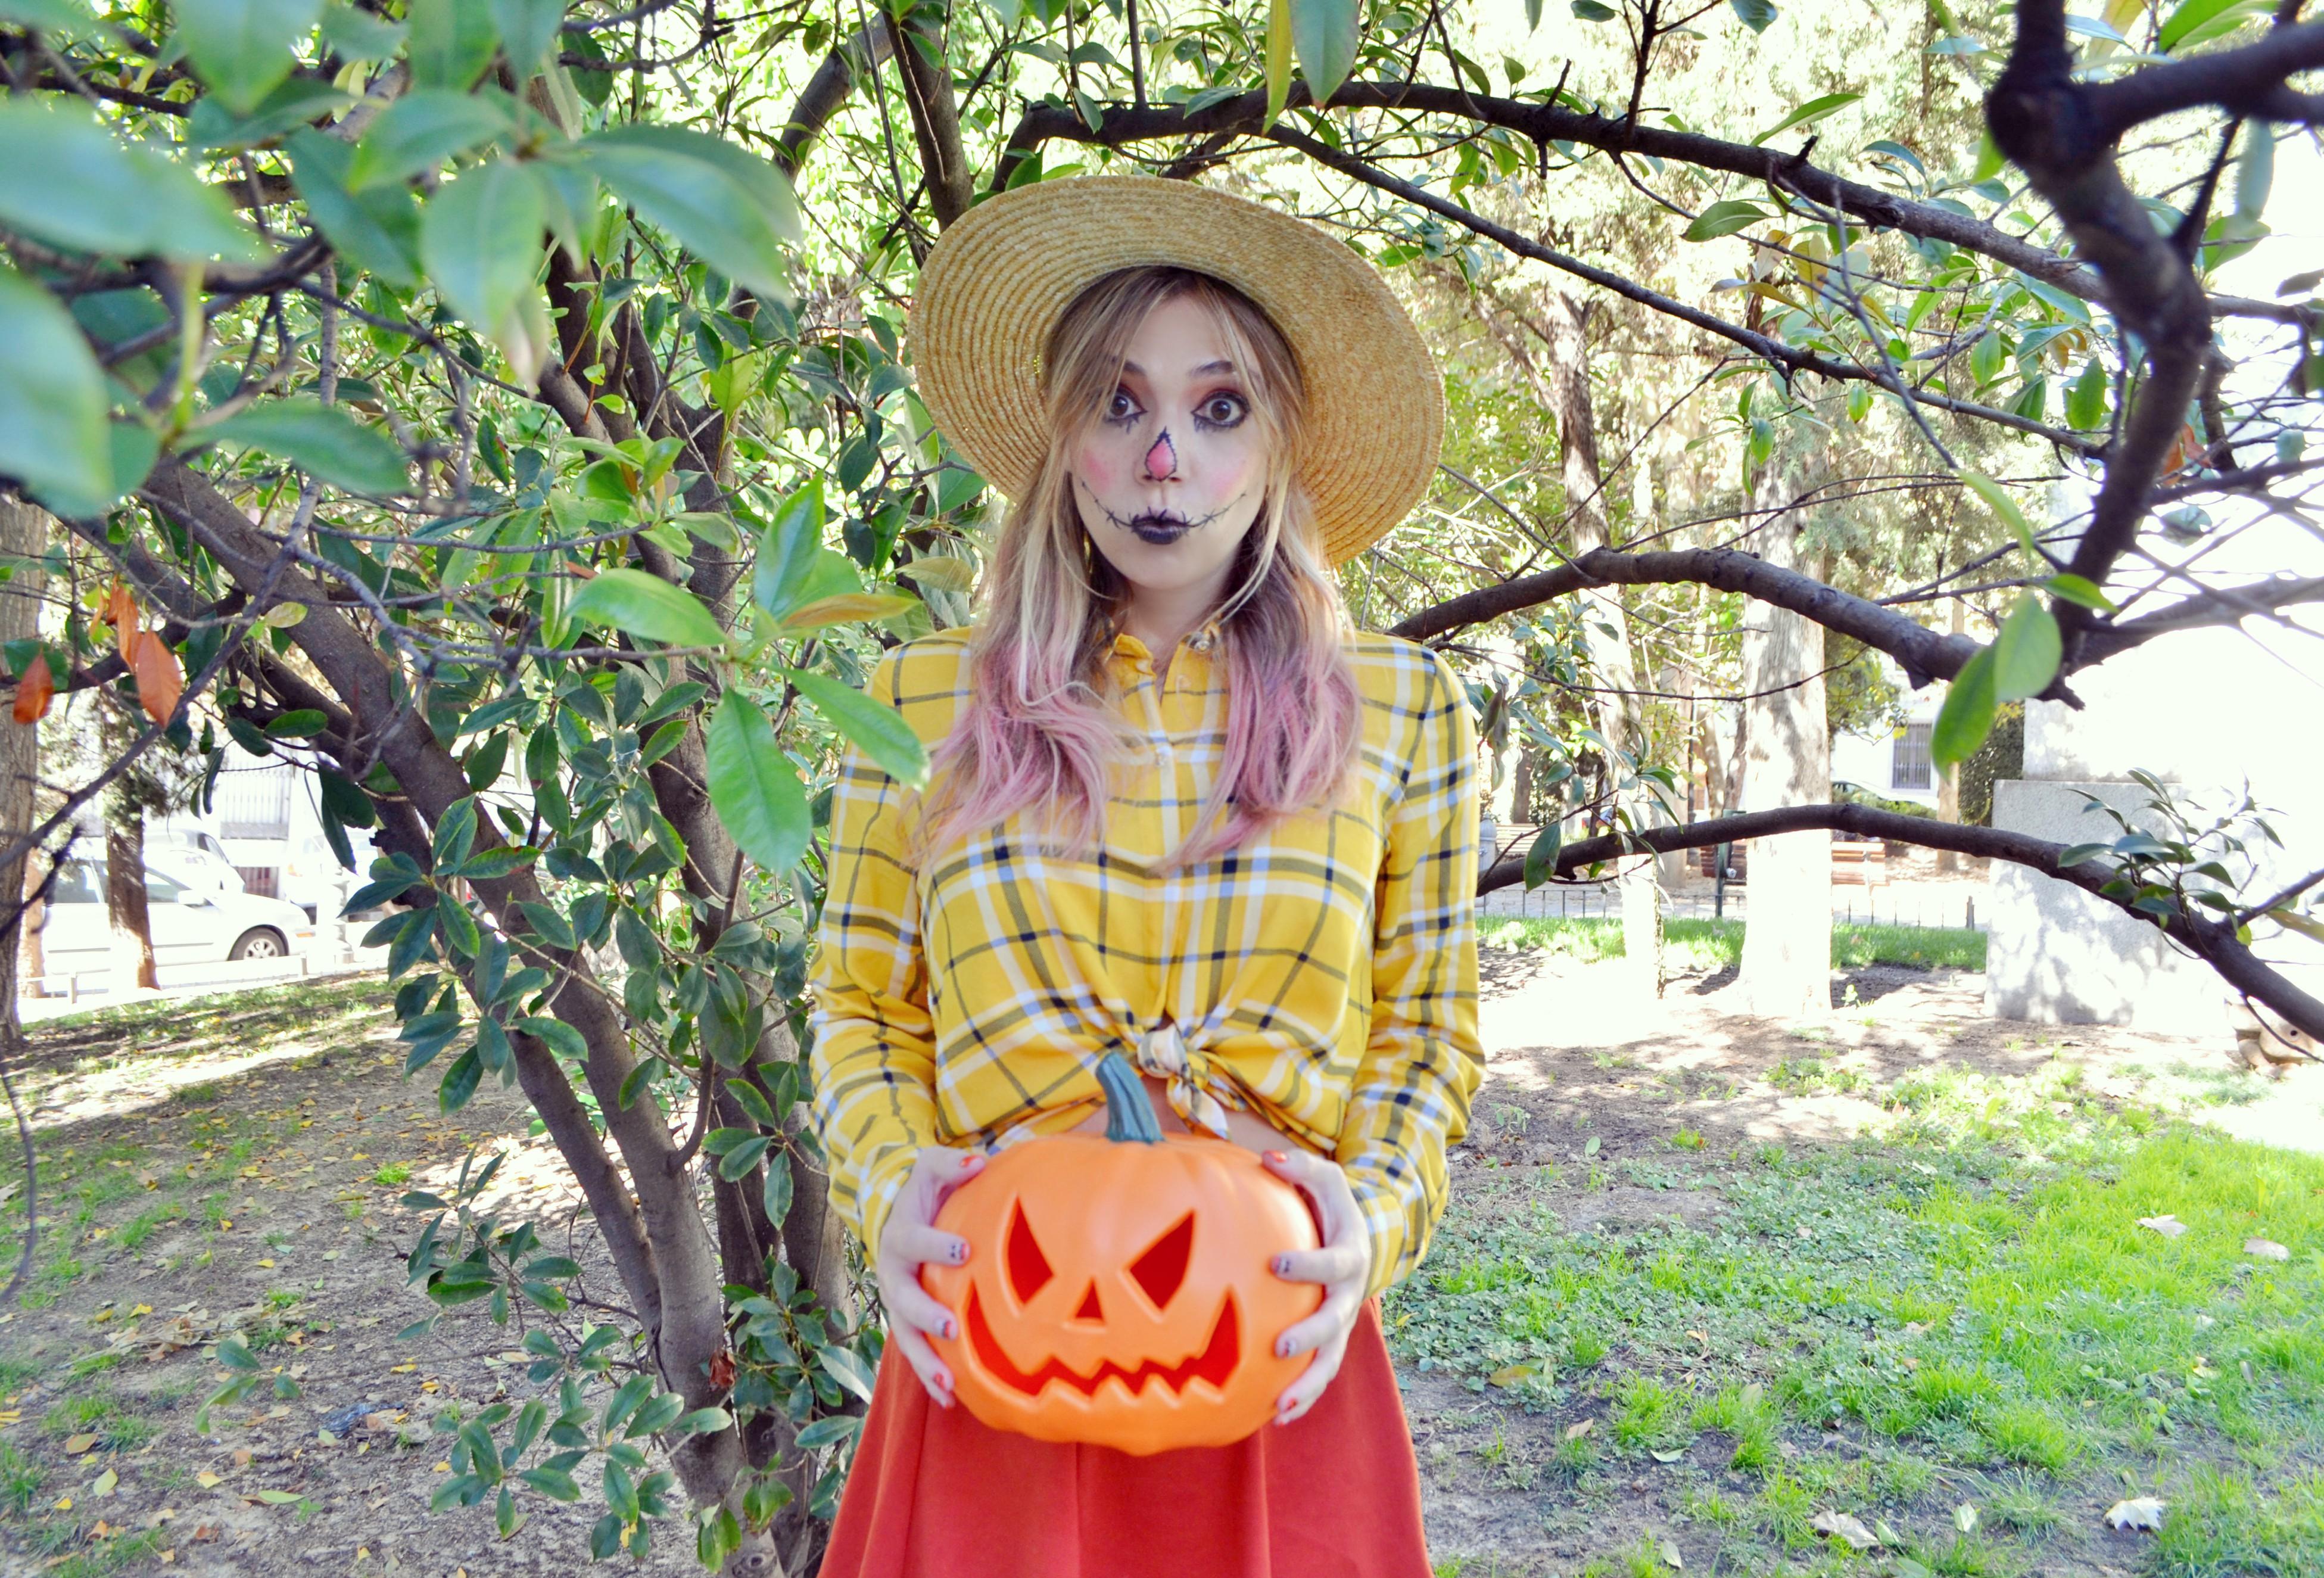 Fashionista-disfraz-de-espantapajaros-halloween-fashionista-ChicAdicta-blog-de-moda-Chic-Adicta-urvan-beauty-on-the-go-influencer-Madrid-PiensaenChic-Piensa-en-Chic